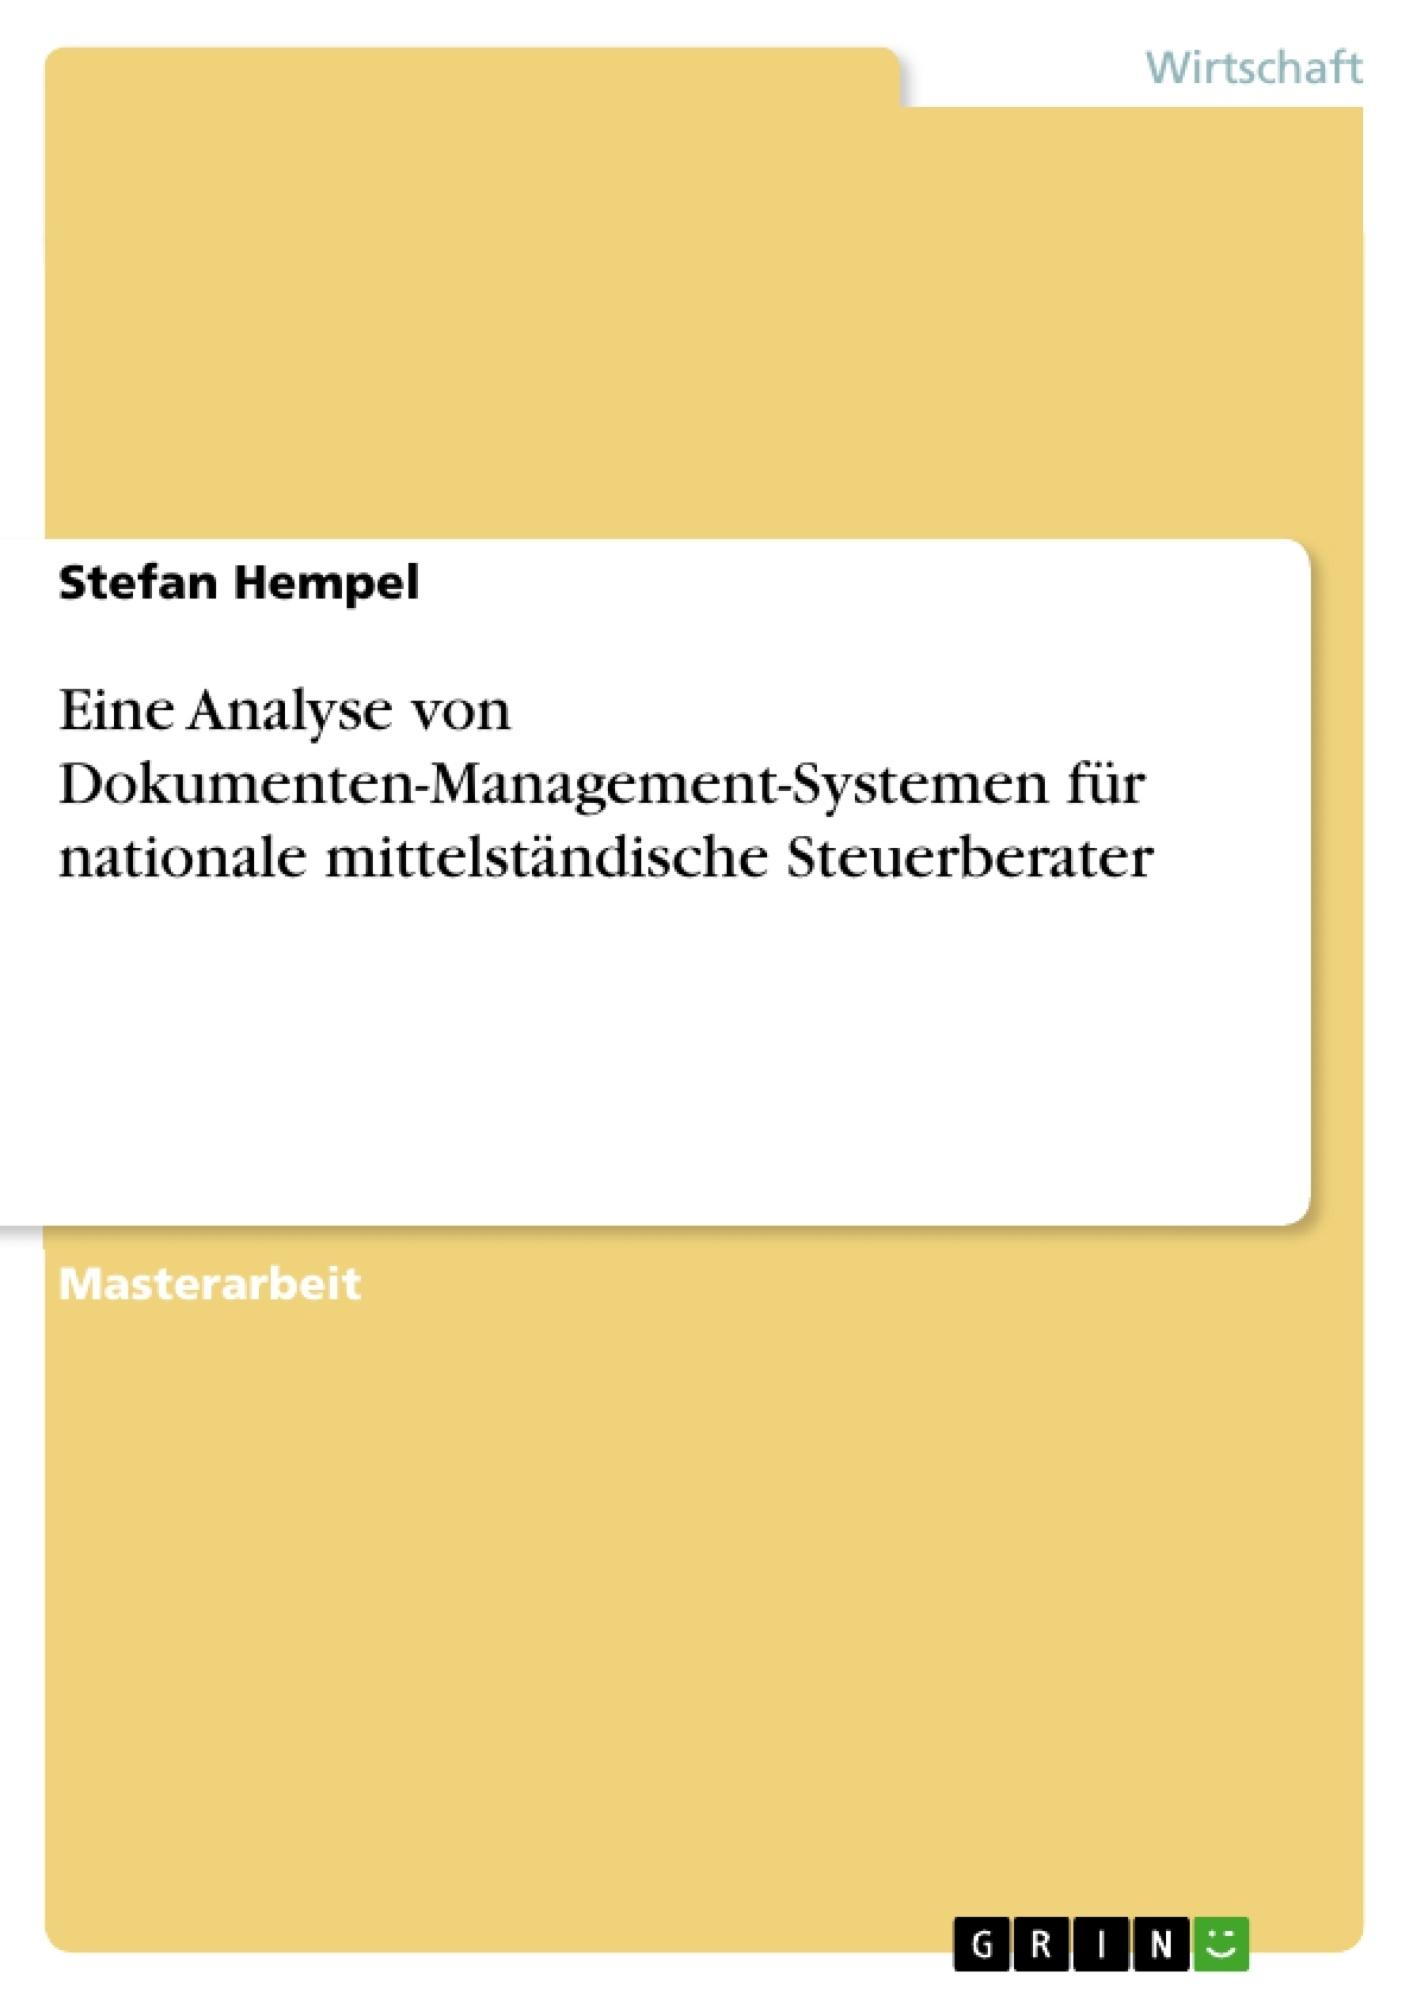 Titel: Eine Analyse von Dokumenten-Management-Systemen für nationale mittelständische Steuerberater